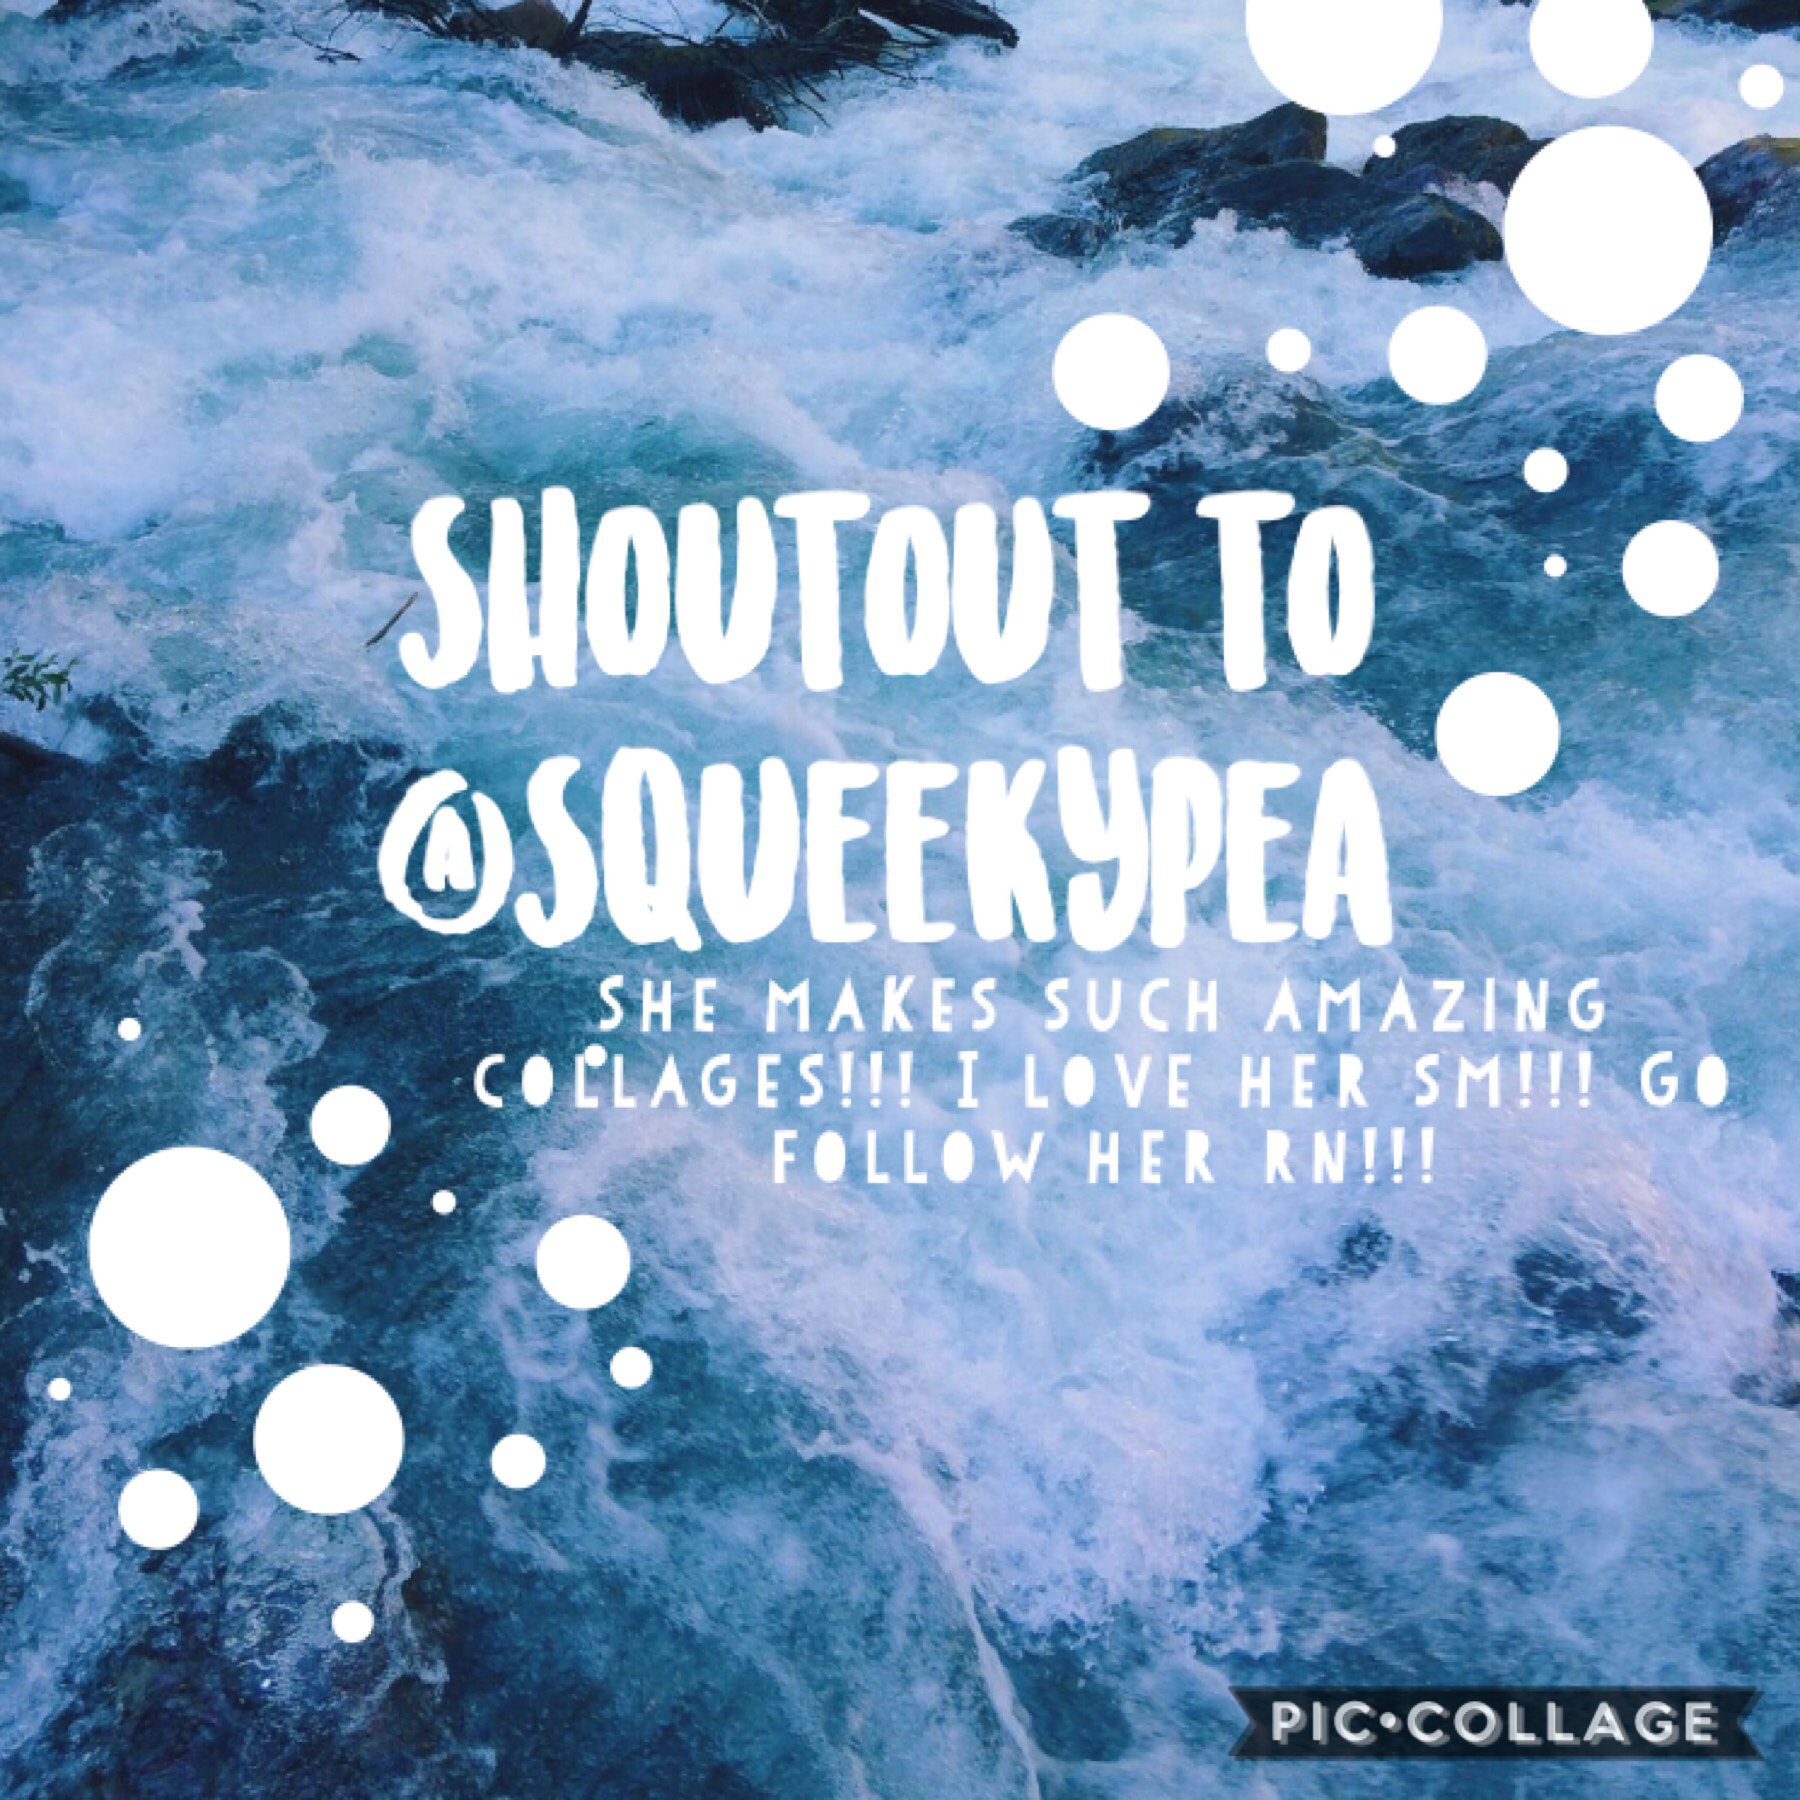 Go follow @SqueekyPea!!!!!!!